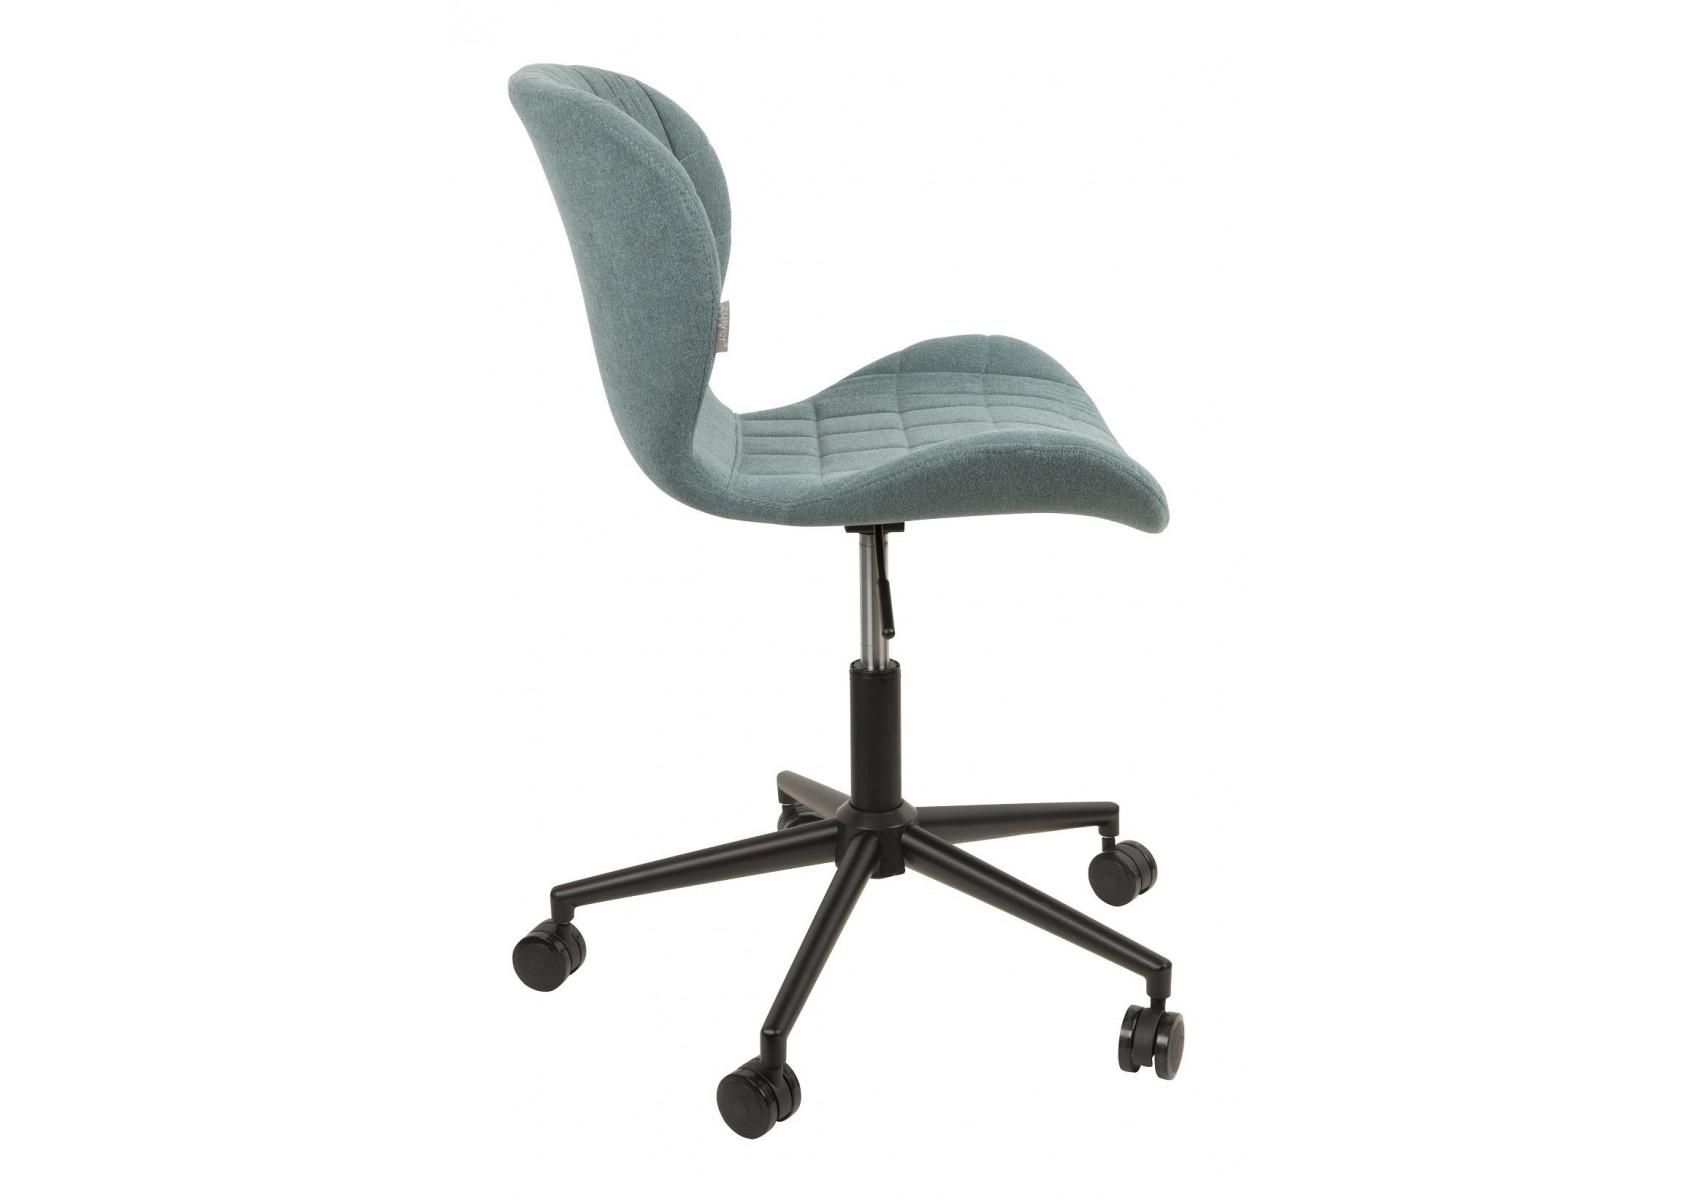 chaise bureau design chaise de bureau design chaise. Black Bedroom Furniture Sets. Home Design Ideas